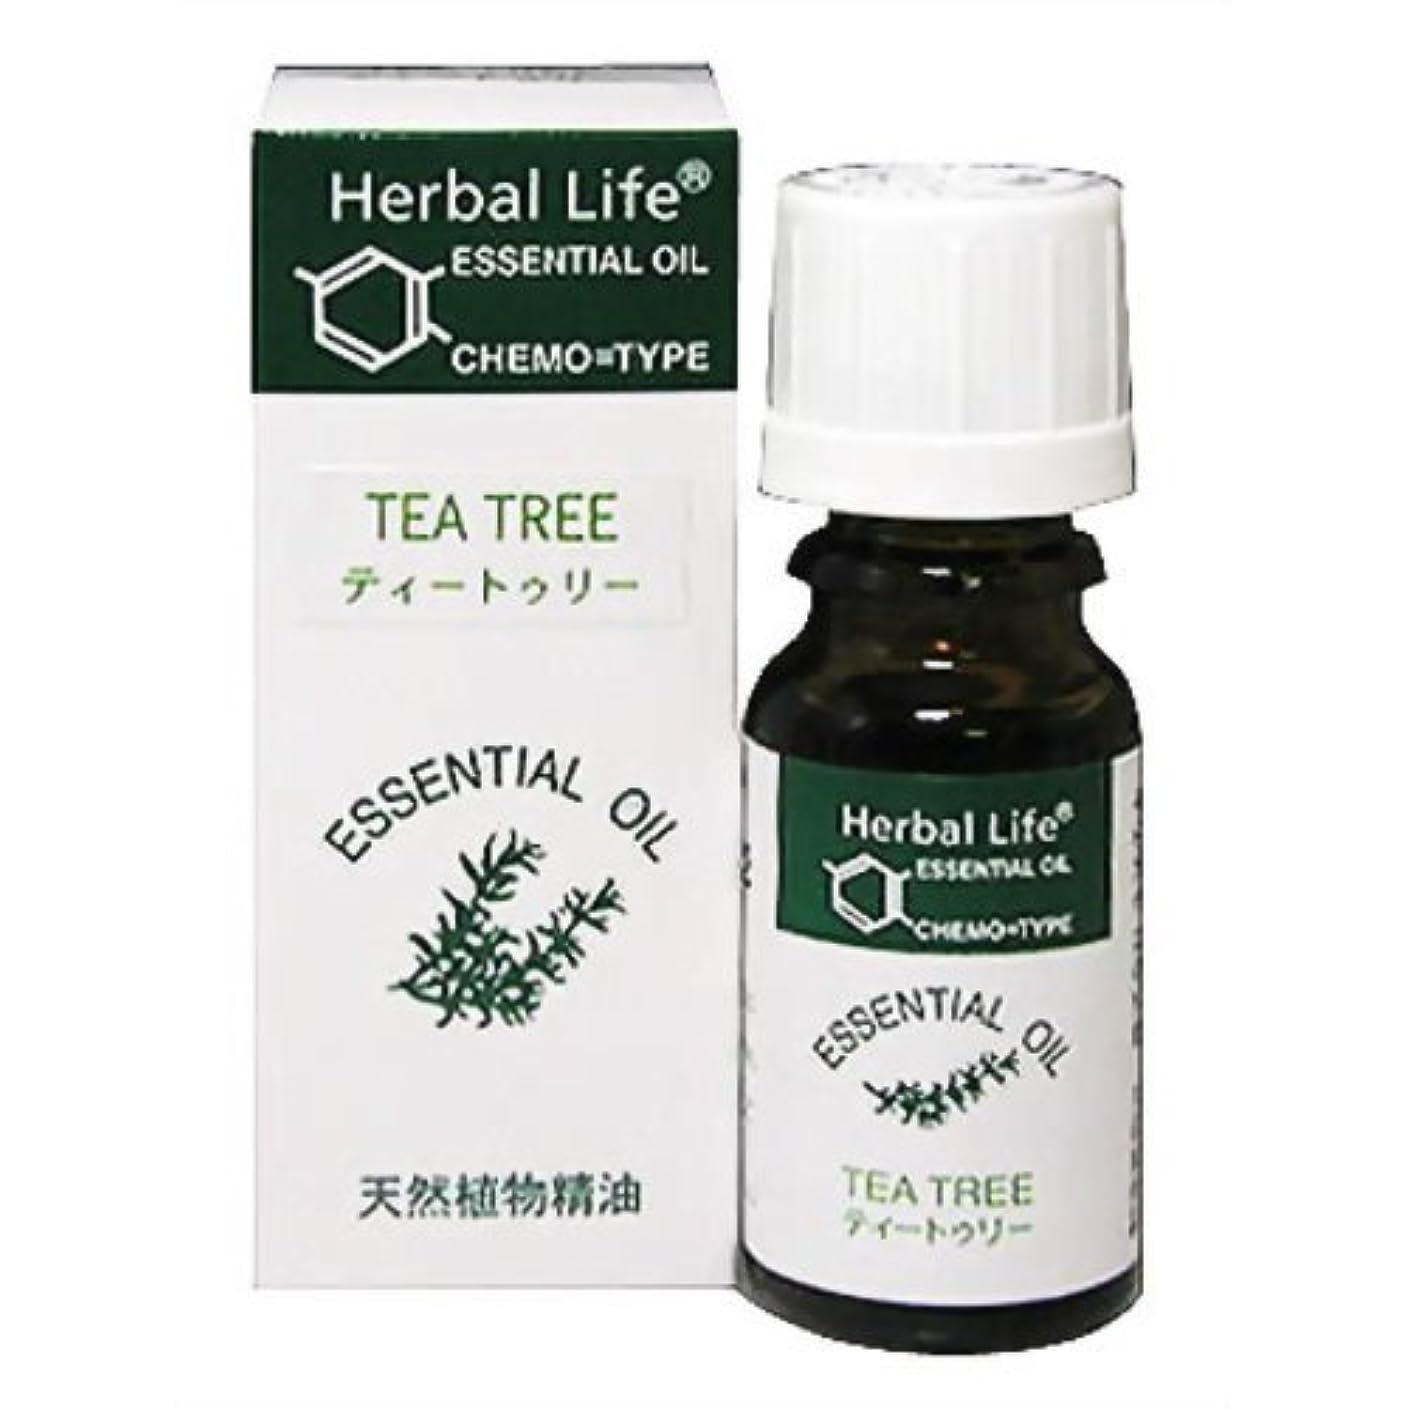 遺伝子メンダシティ世紀Herbal Life ティートゥリー 10ml